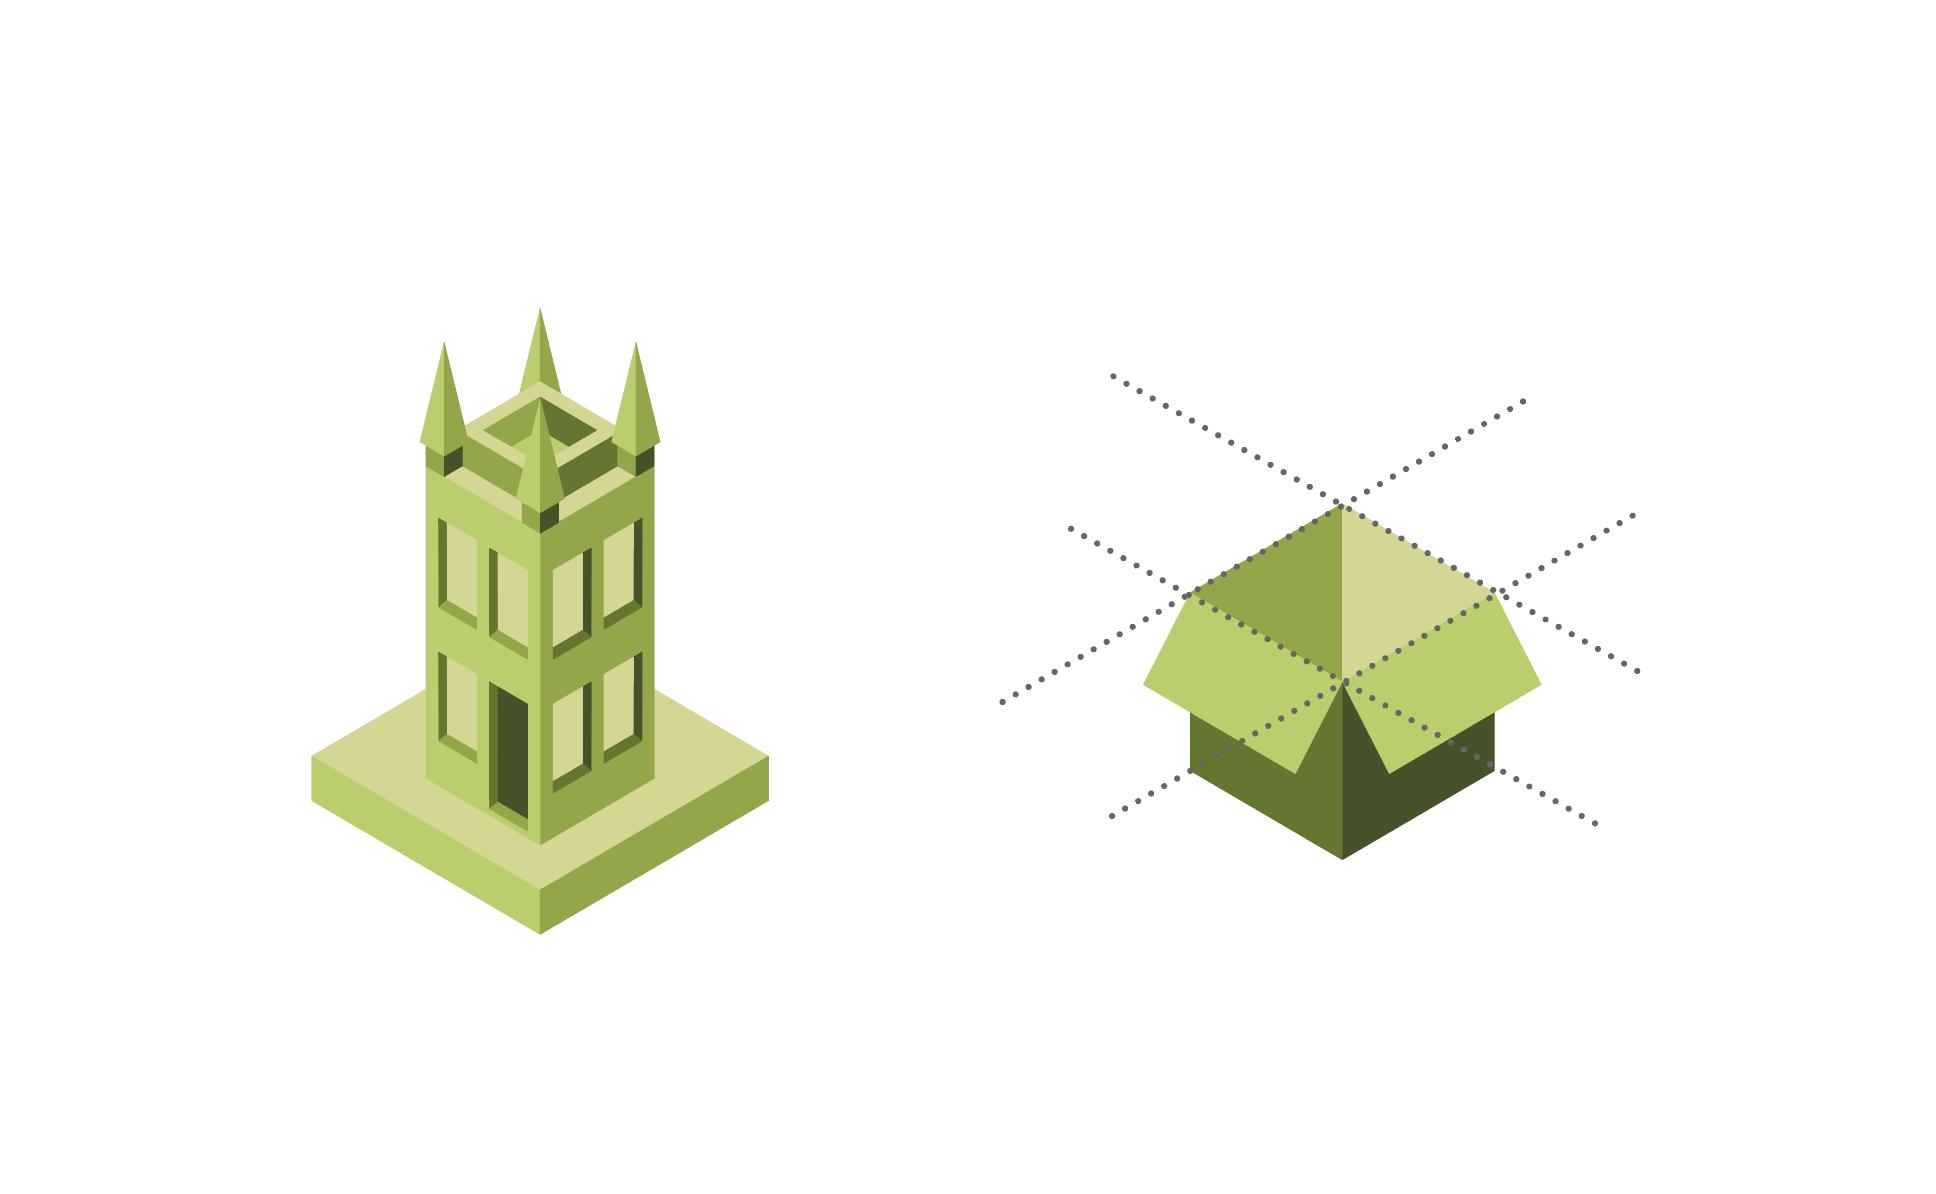 Isometrische illustraties maken met Adobe Illustrator